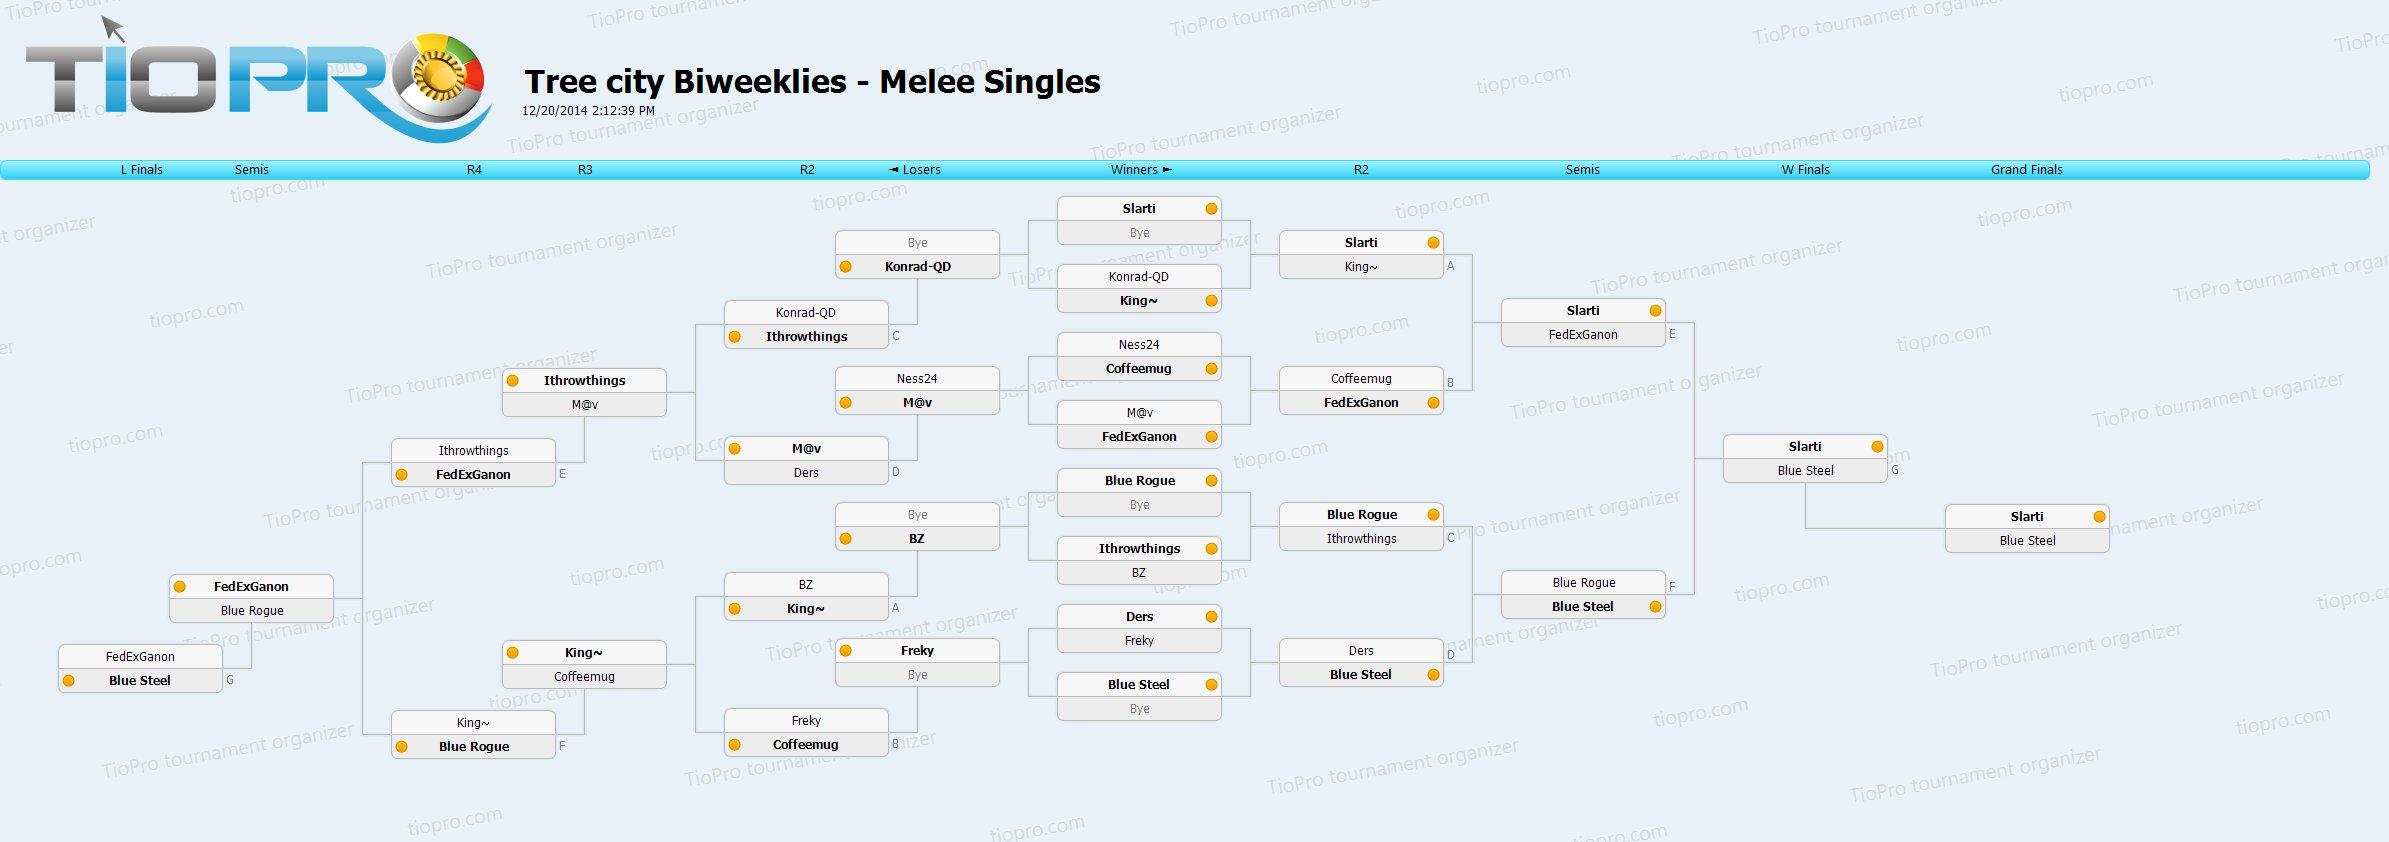 Tree City Weeklies 3 - Melee Singles